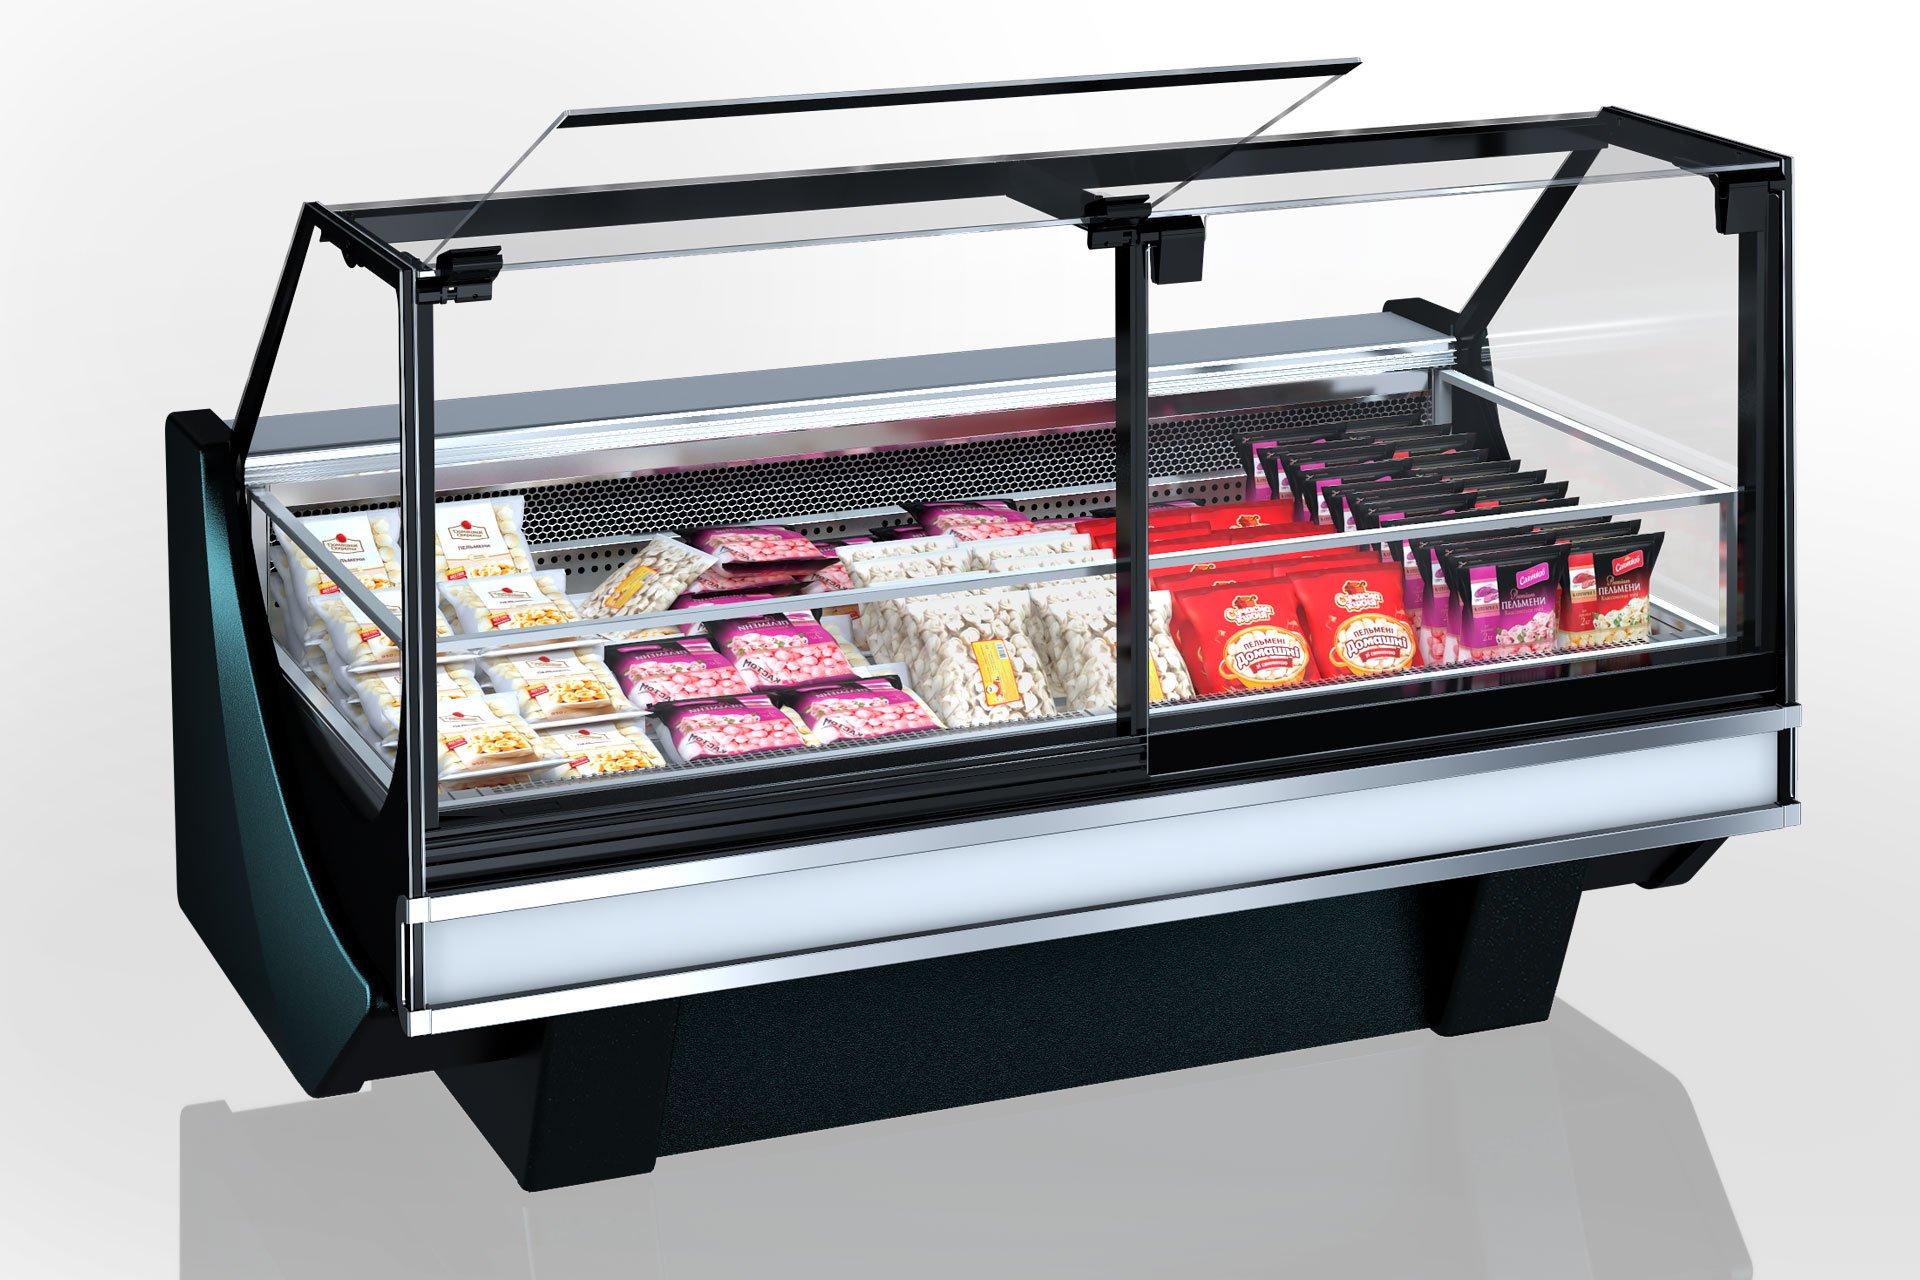 холодильні вітрини Missouri сold diamond MC 126 deli PS